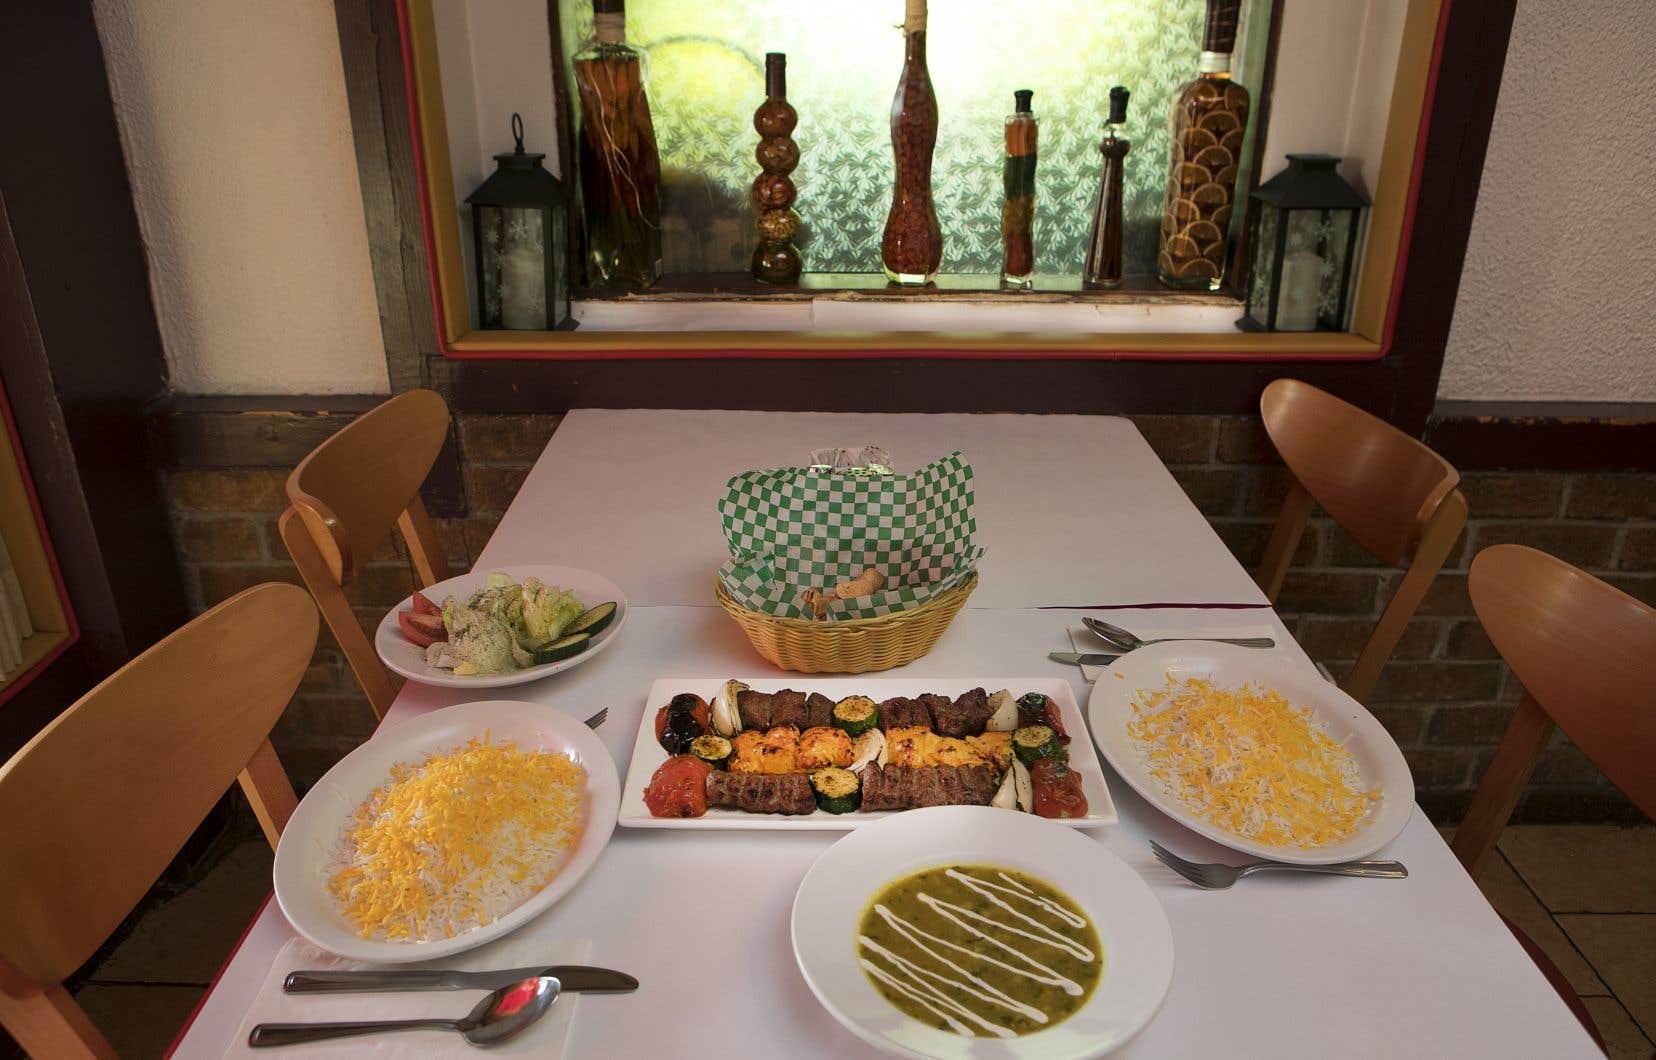 Il s'agit ici d'une bonne table, très iranienne dans le bon sens du terme. On peut déguster  chez ce Quartier perse la plupart  des classiques de la cuisine de ce beau grand pays plusieurs fois millénaire,  et les assiettes sont préparées ici comme  elles le sont par les meilleures cuisinières  de Téhéran, d'Ispahan  ou de Chiraz.